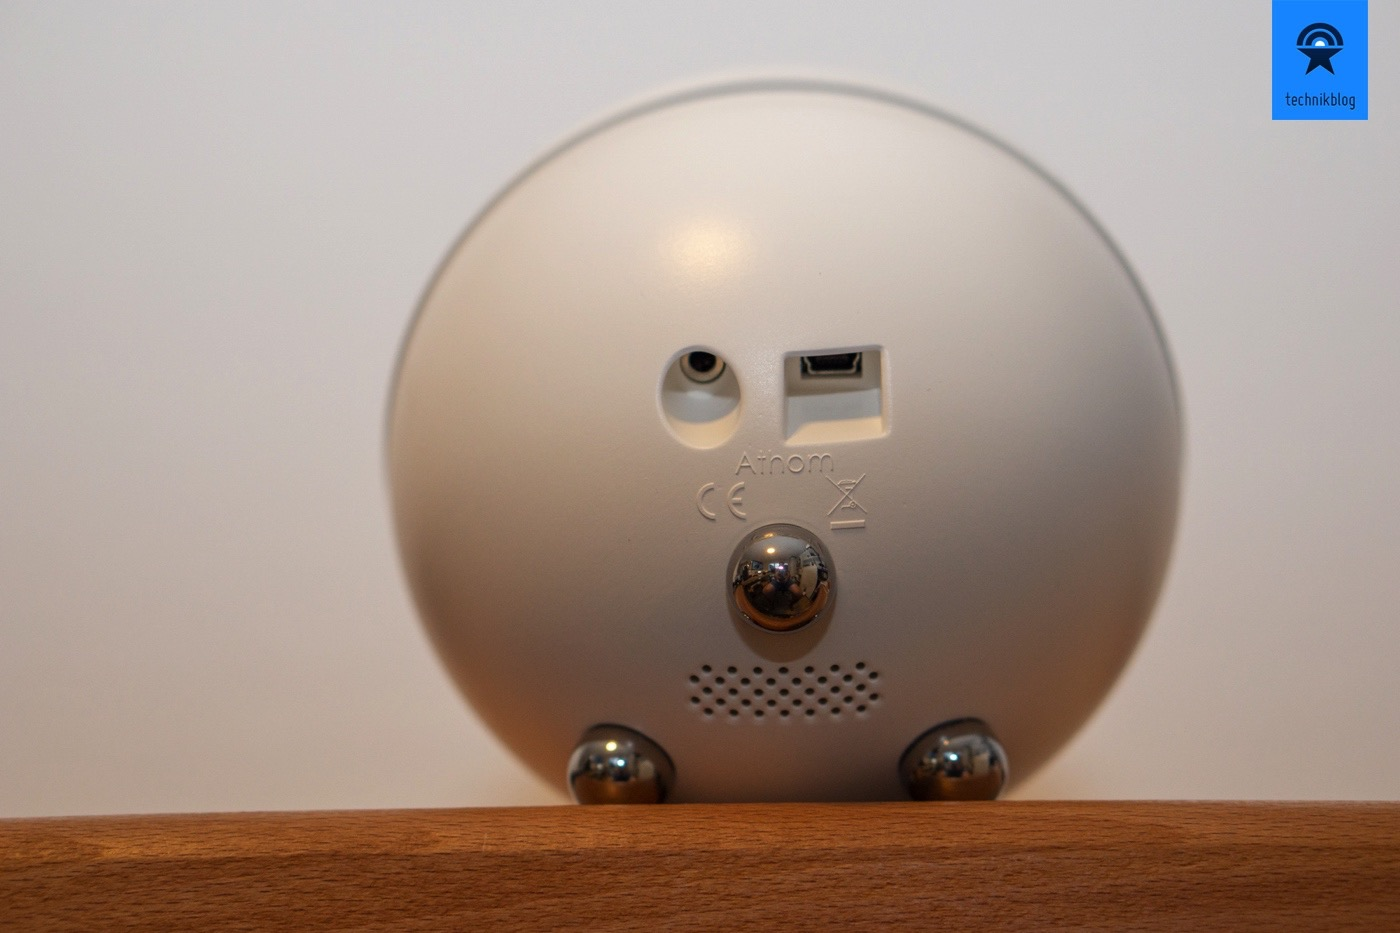 Testbericht: Athom Homey - universeller Smart Home Gateway